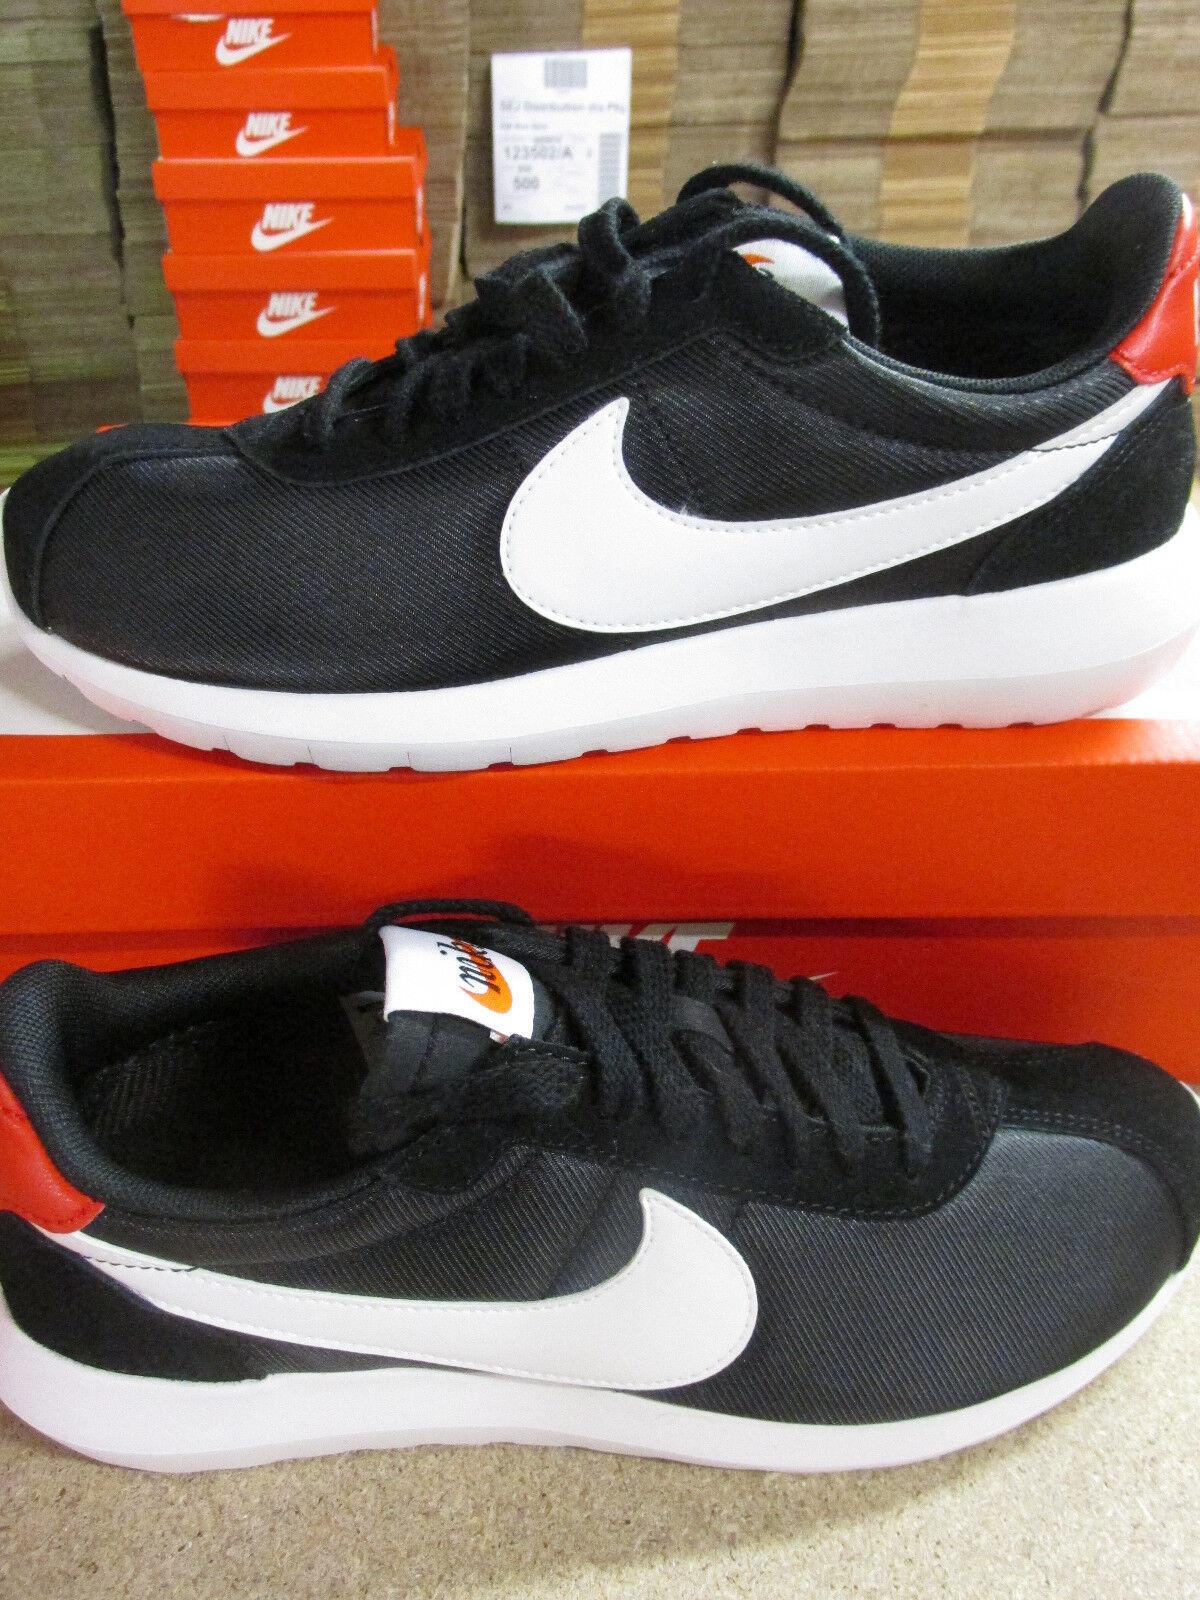 Nike Donna Roshe 001 LD-1000 Scarpe Sportive 819843 001 Roshe Scarpe da Tennis 45dc34